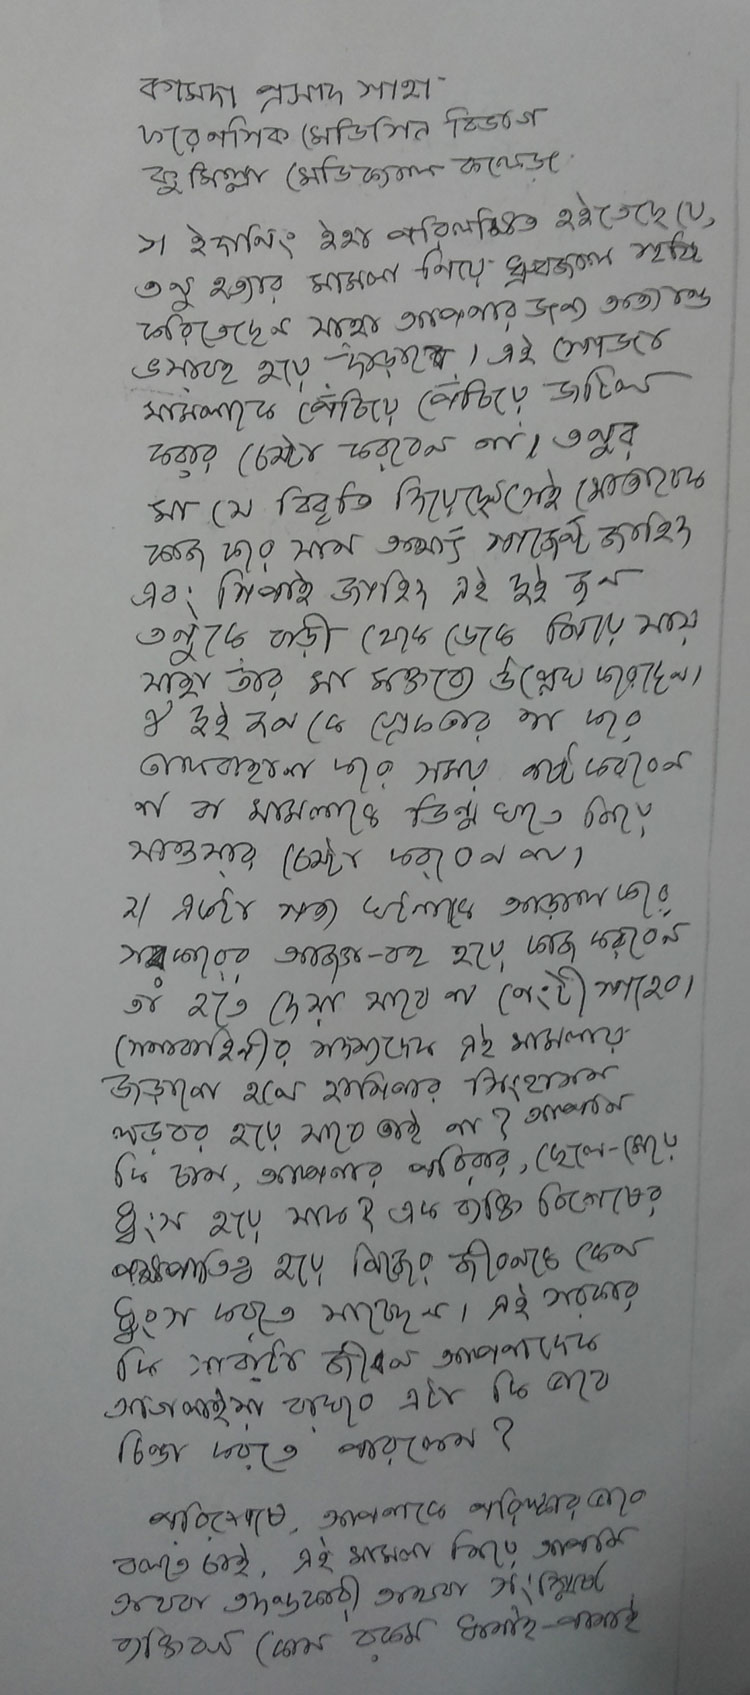 Comiila-letter20160524105027